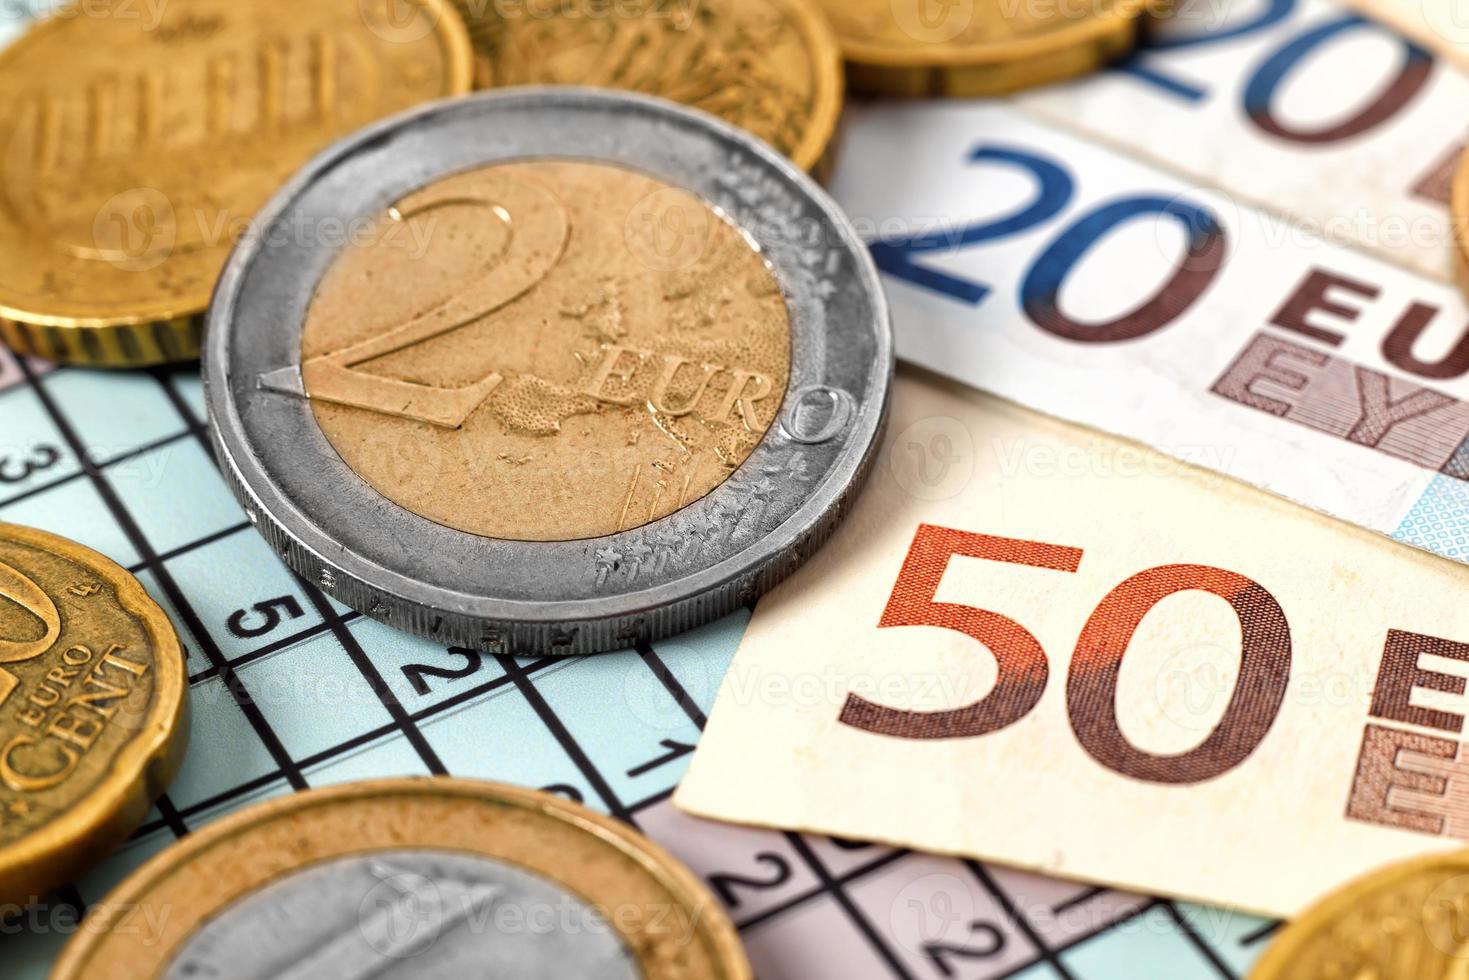 pengar och mynt foto